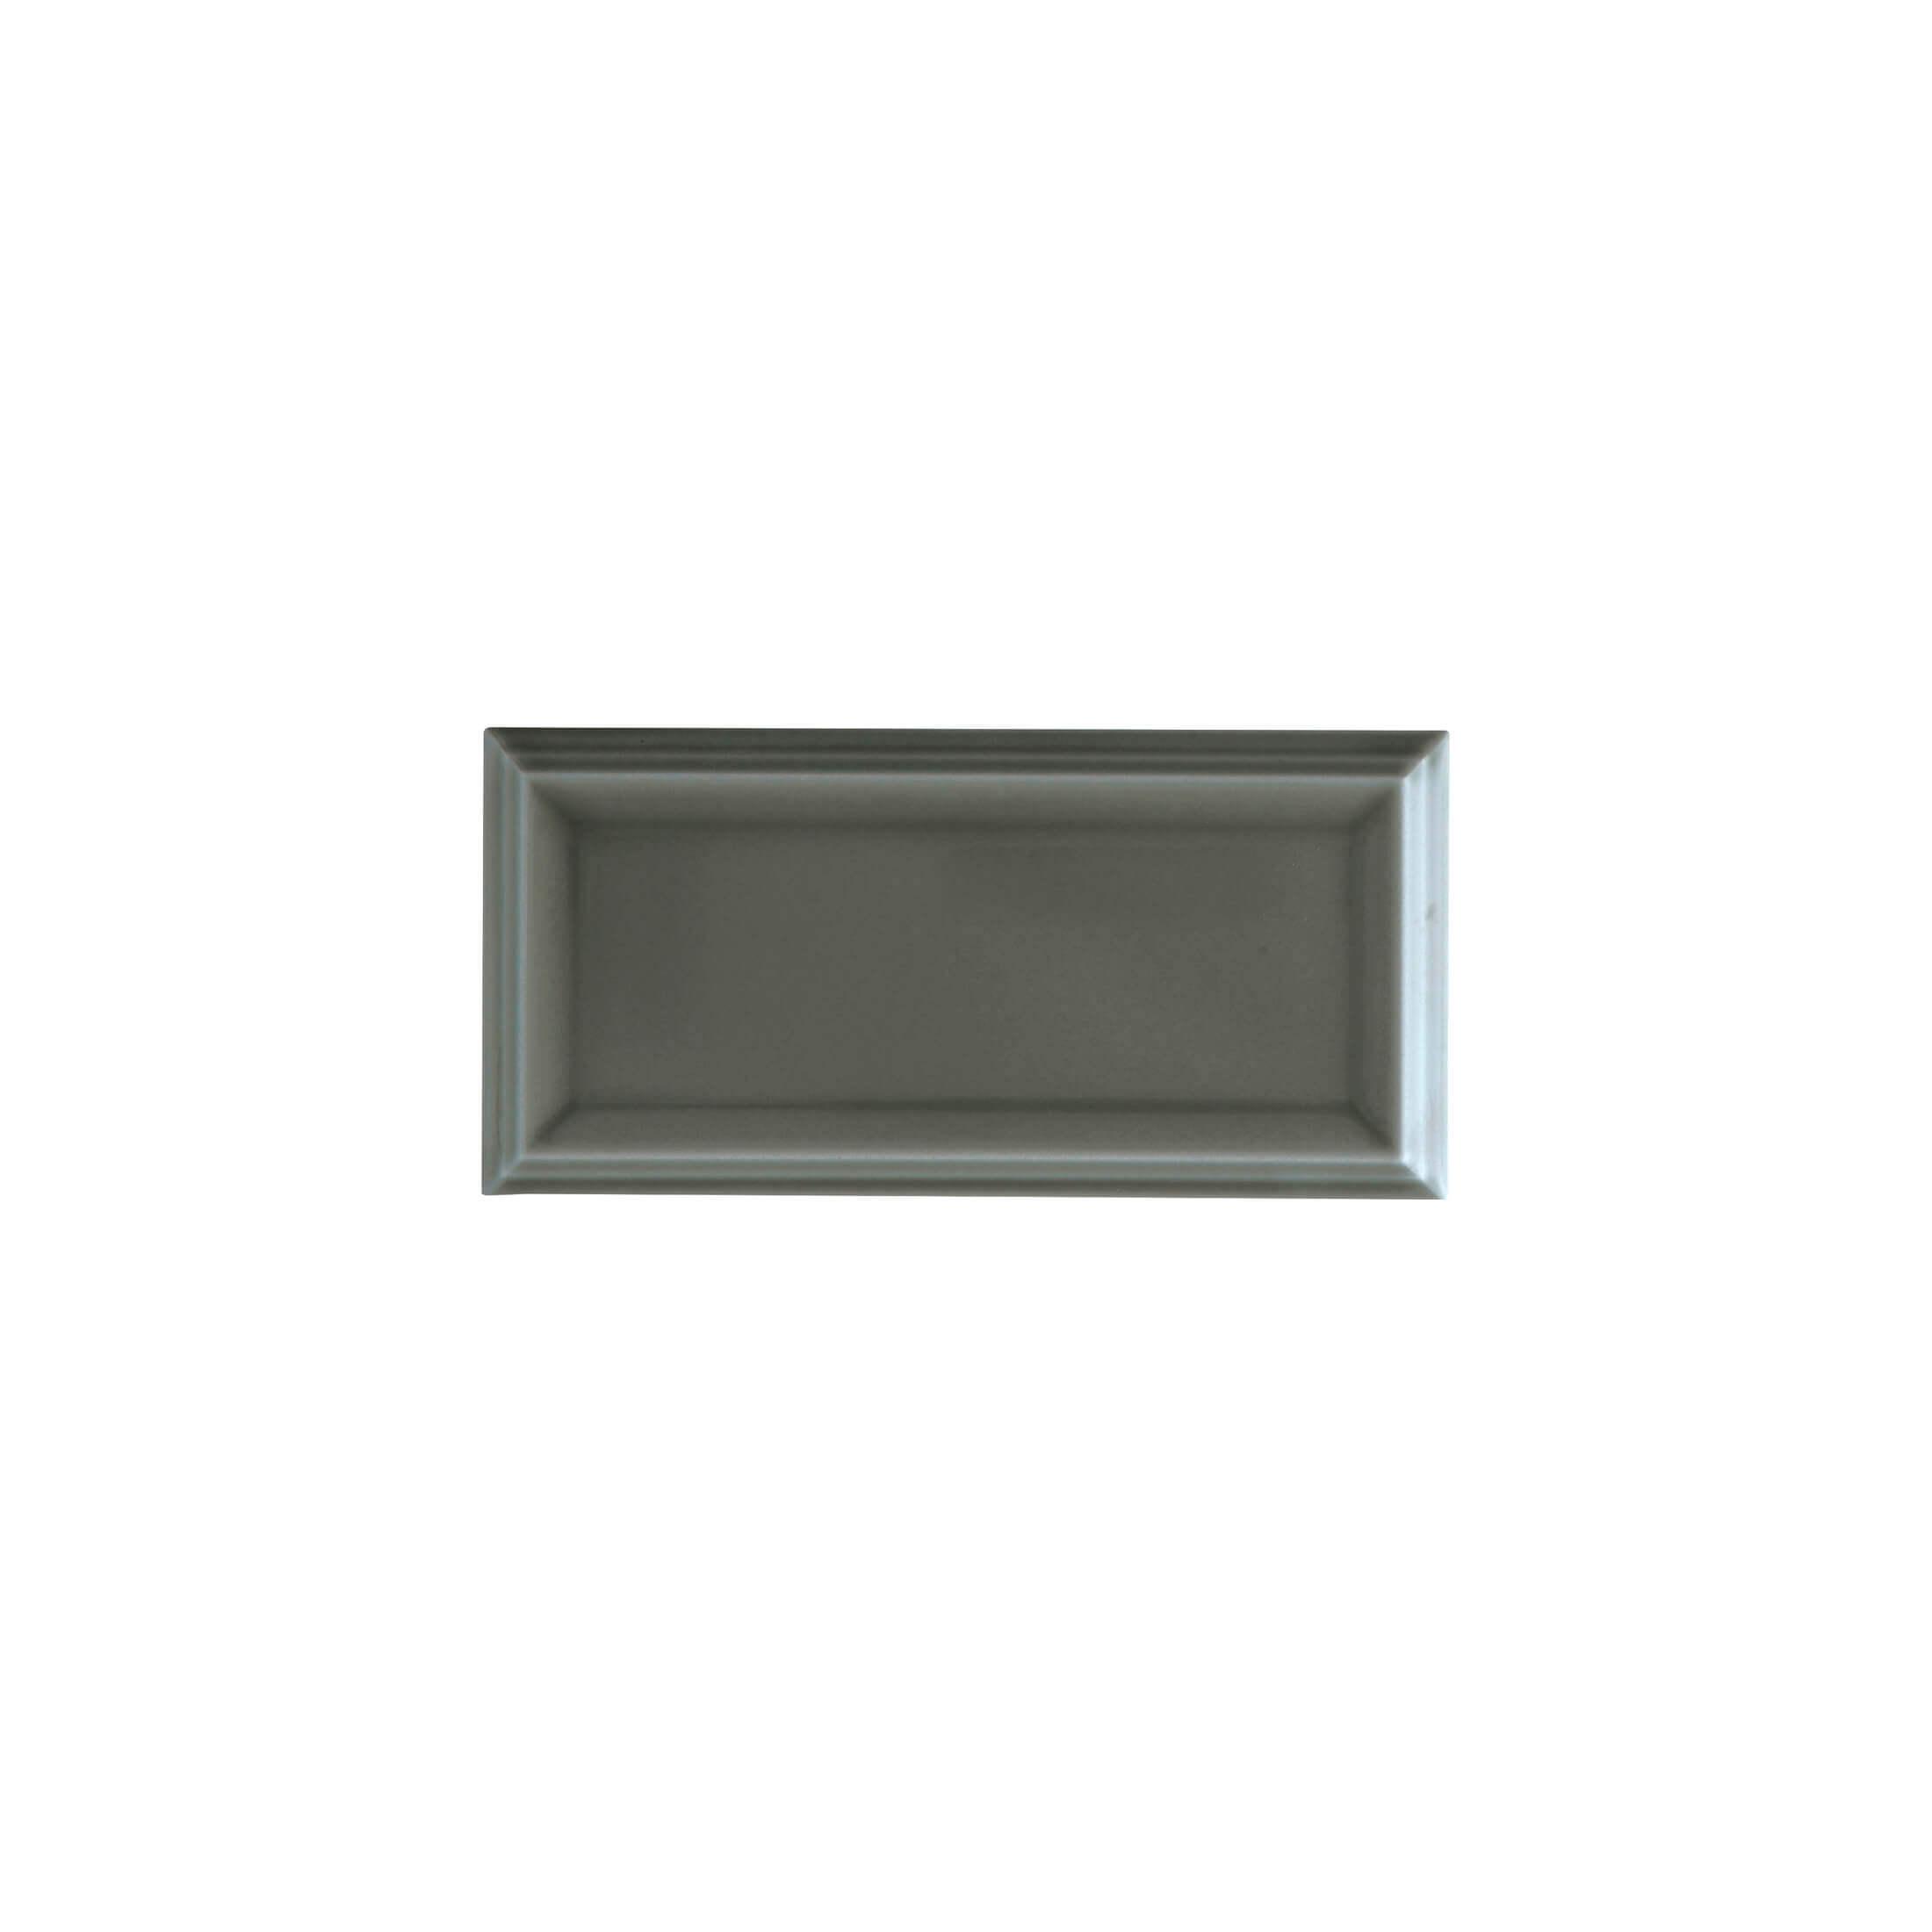 ADST1074 - LISO FRAMED - 7.3 cm X 14.8 cm